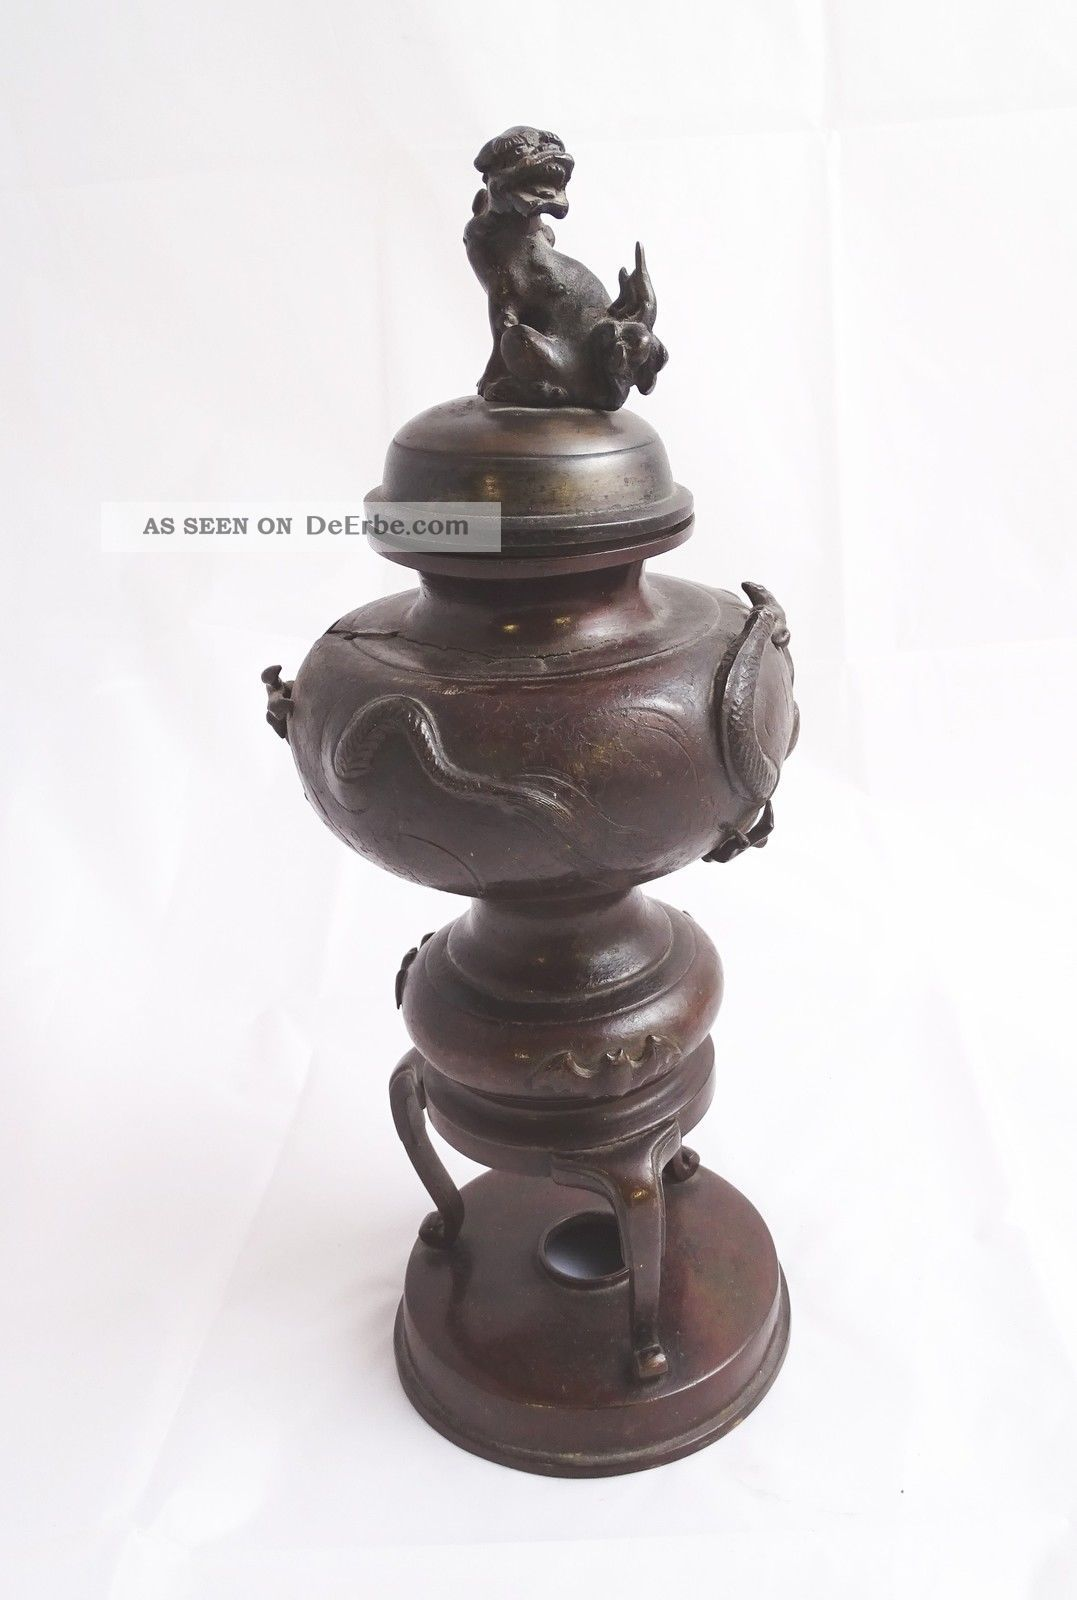 Antikes Japanisches Räuchergefäß Rauch Gefäß Tier Darstellung Motiv Wohl Bronze Asiatika: Japan Bild